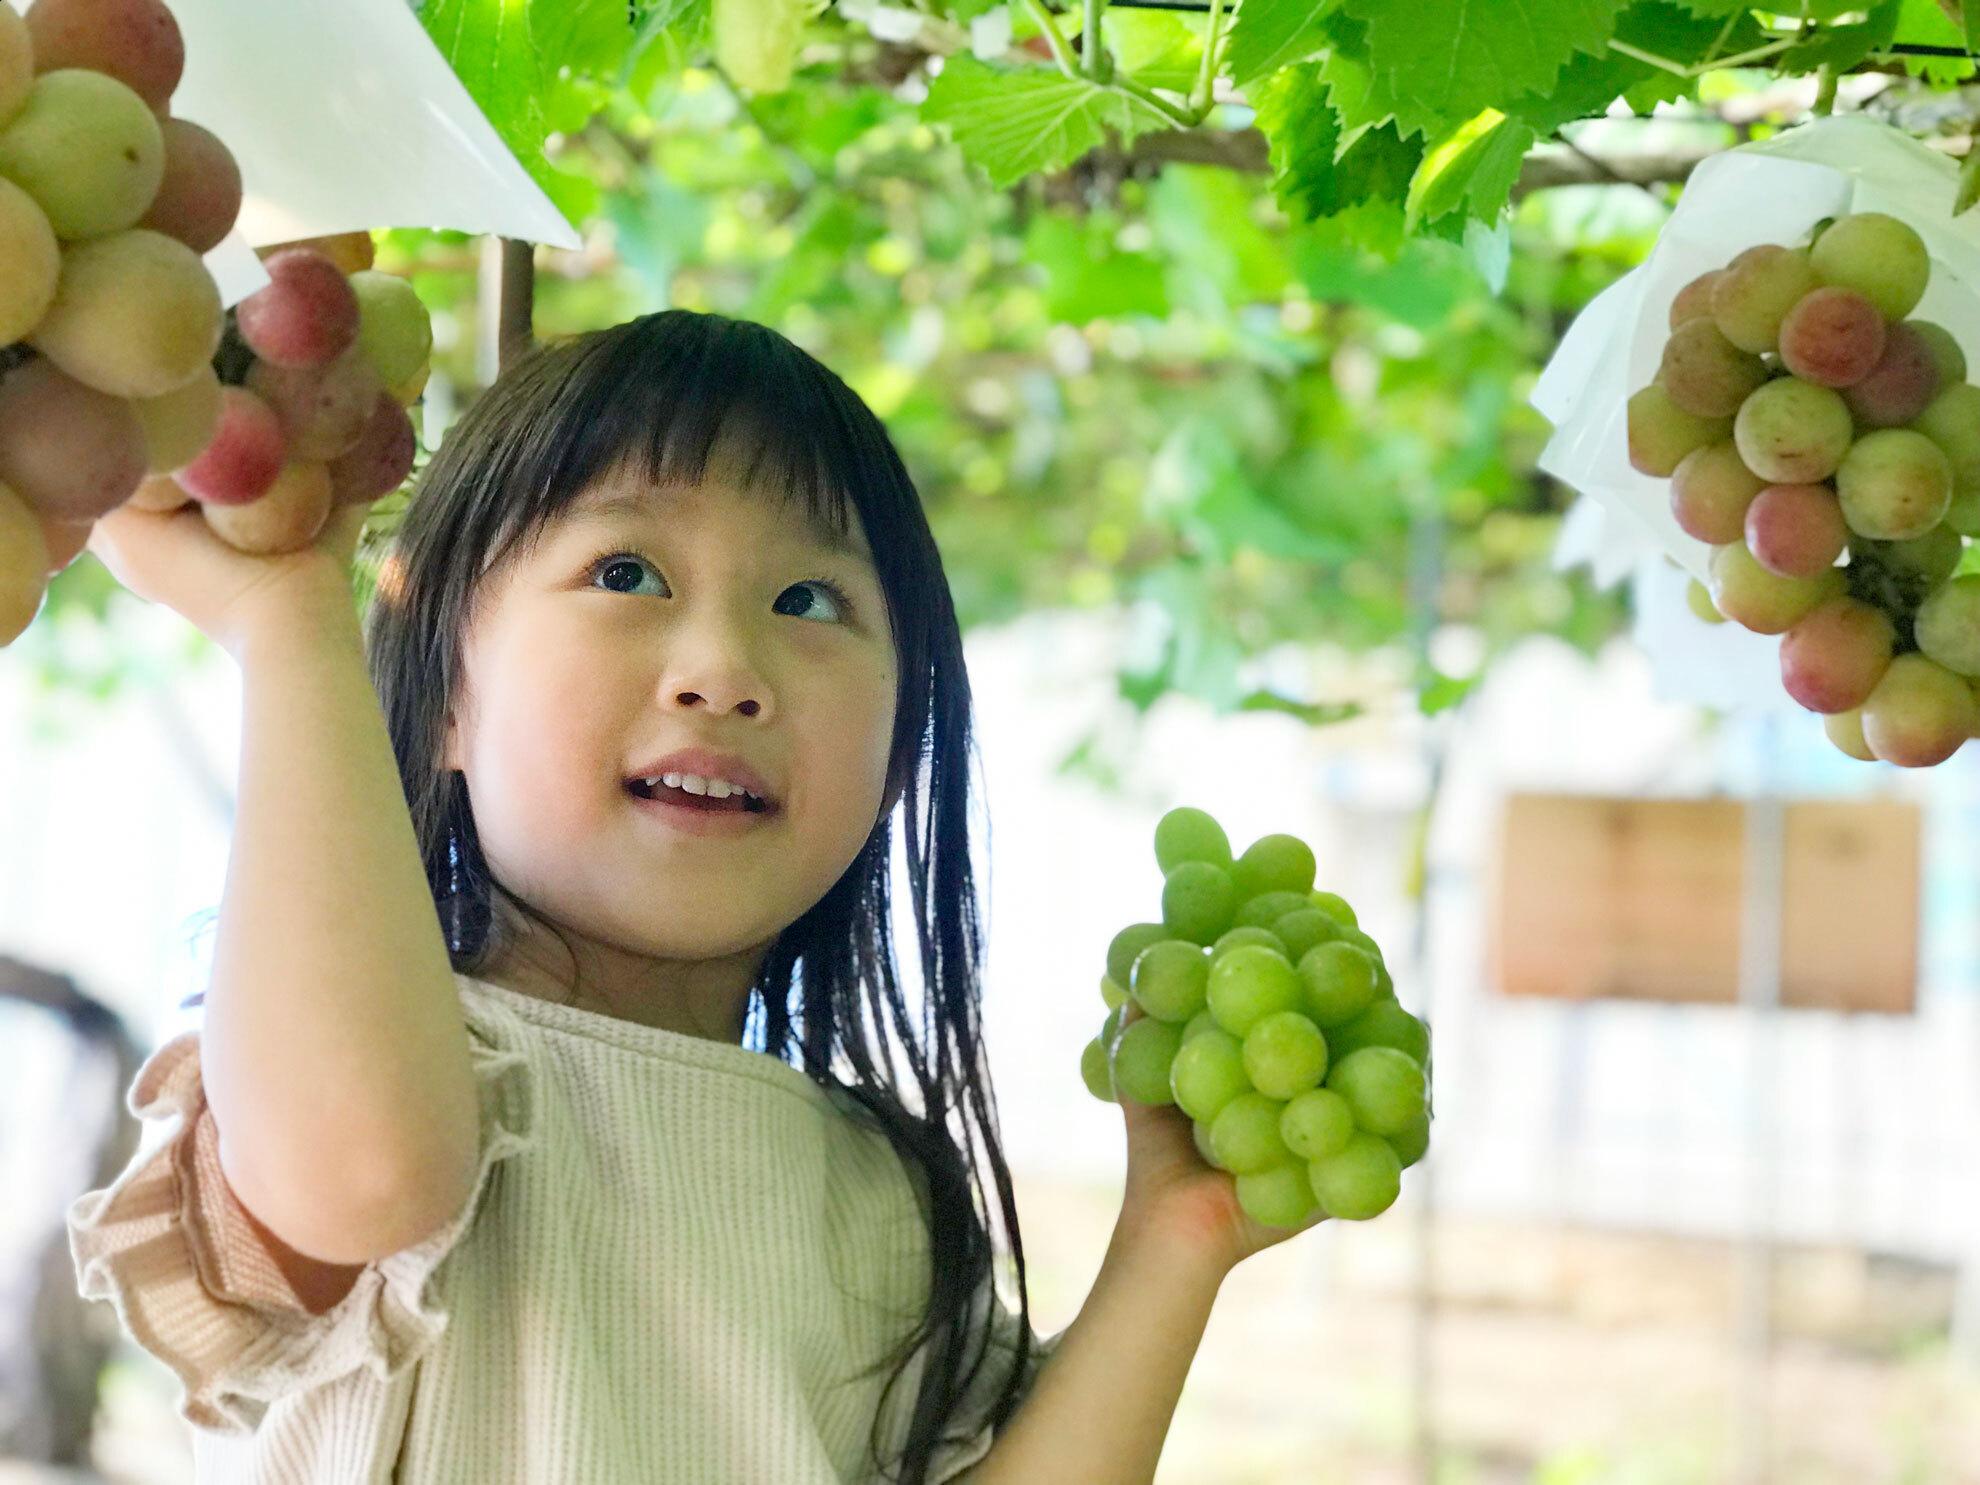 観光農園プレゼントキャンペーン10月1日(金)〜11月21日(日)